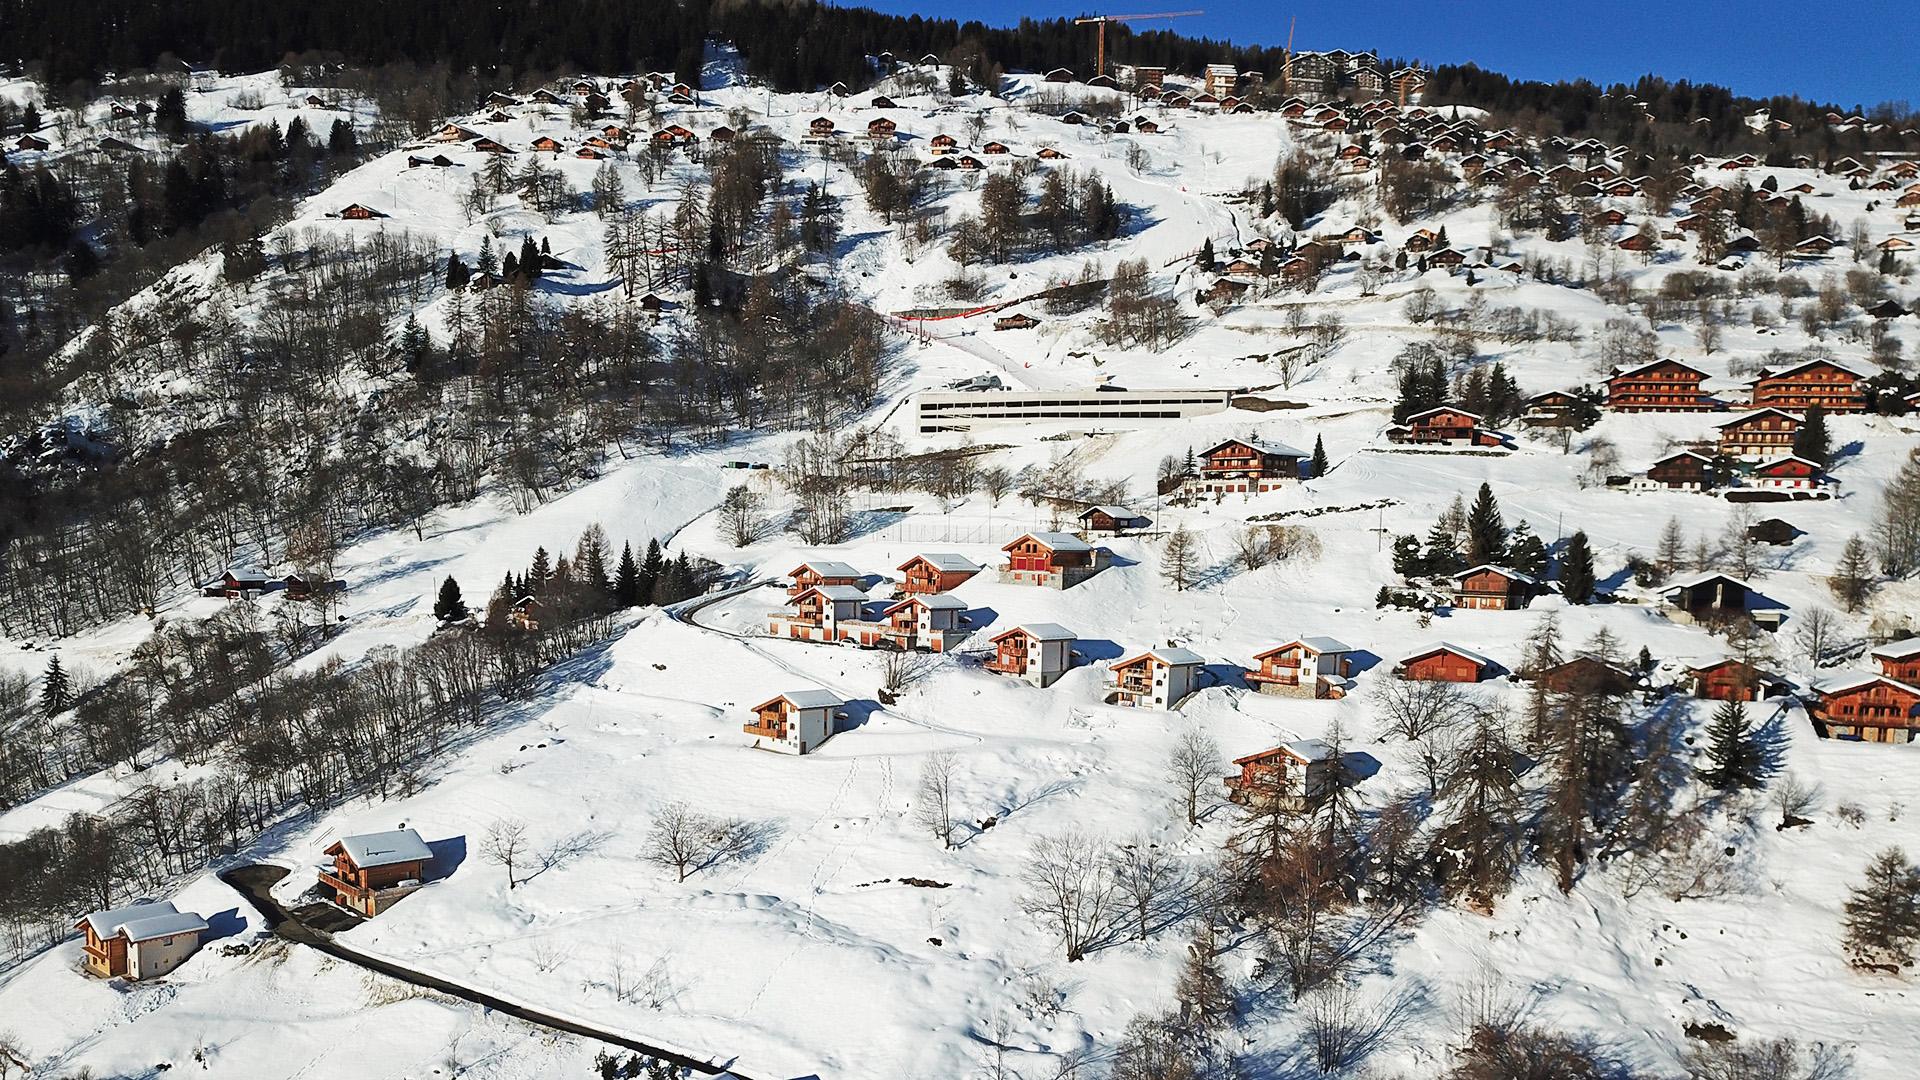 Chalet Pied des Pistes Chalet, Switzerland